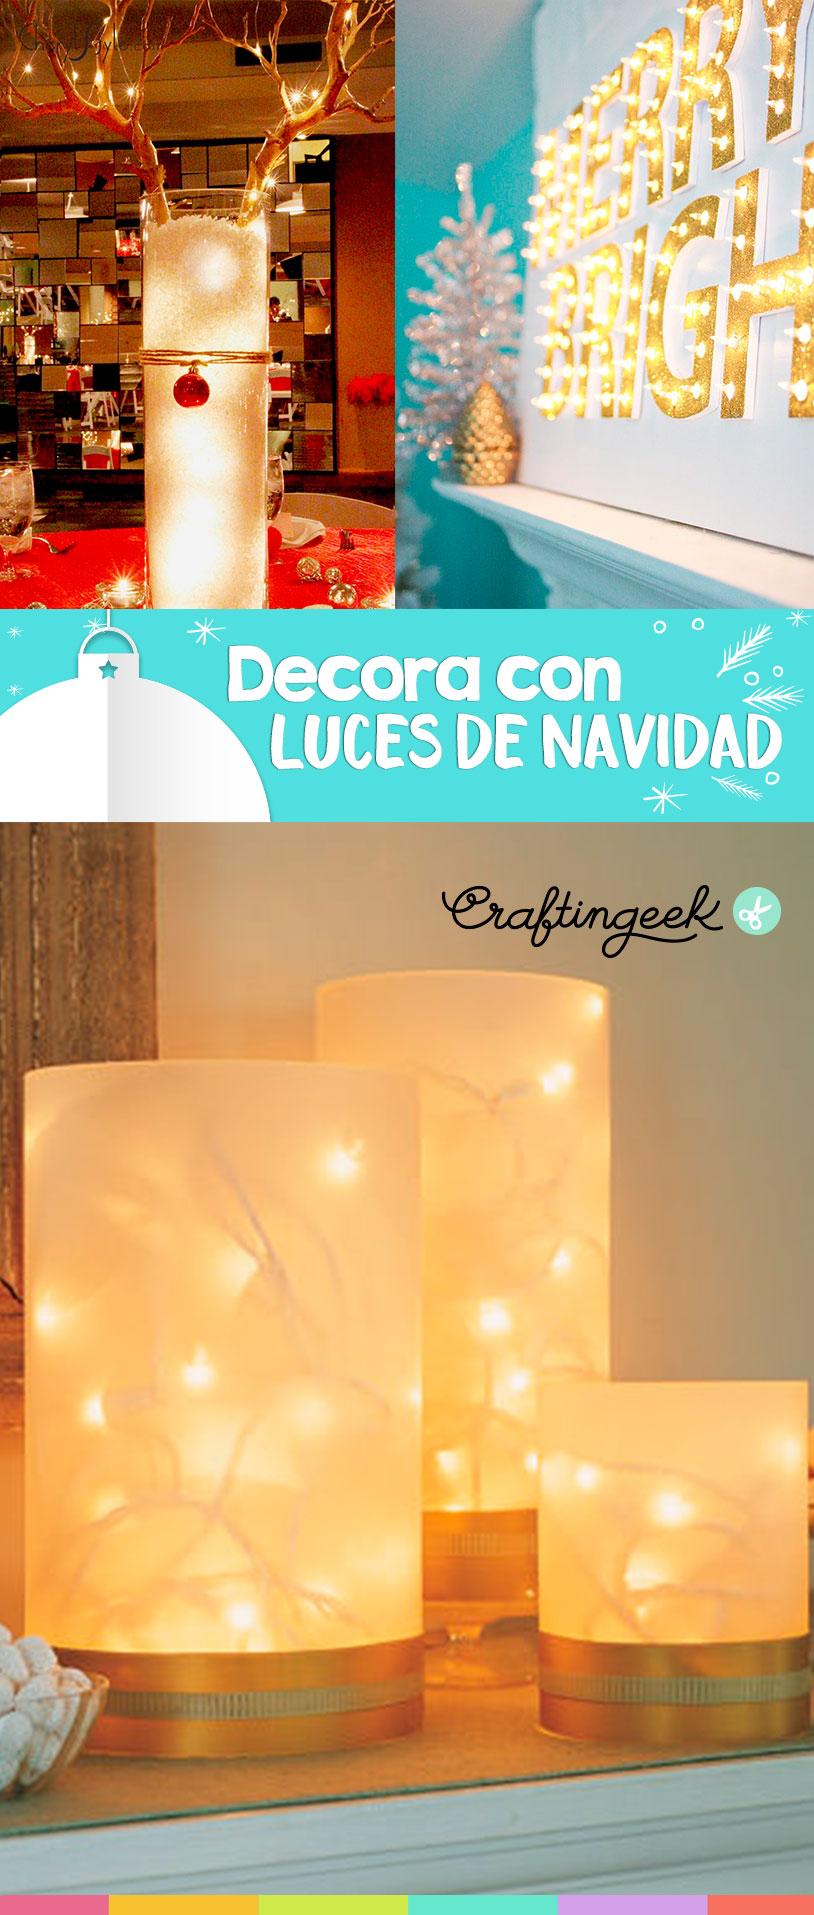 12 ideas que puedes hacer con luces de navidad craftingeek for Decoraciones de navidad para hacer en casa